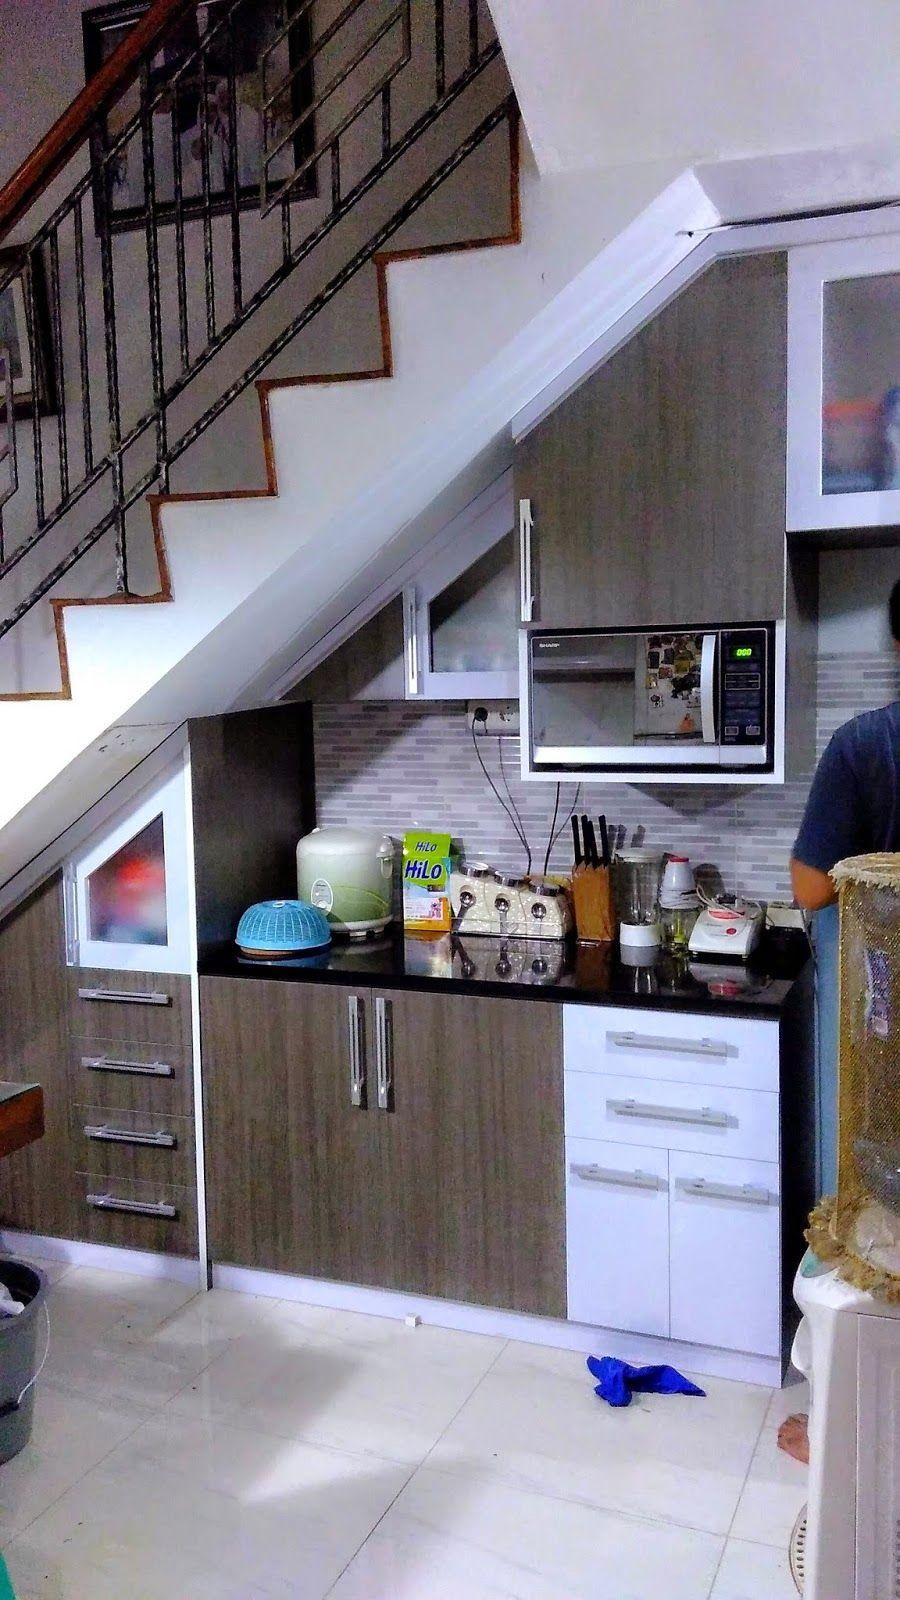 Minimalist Kitchen Set Under The Stairs